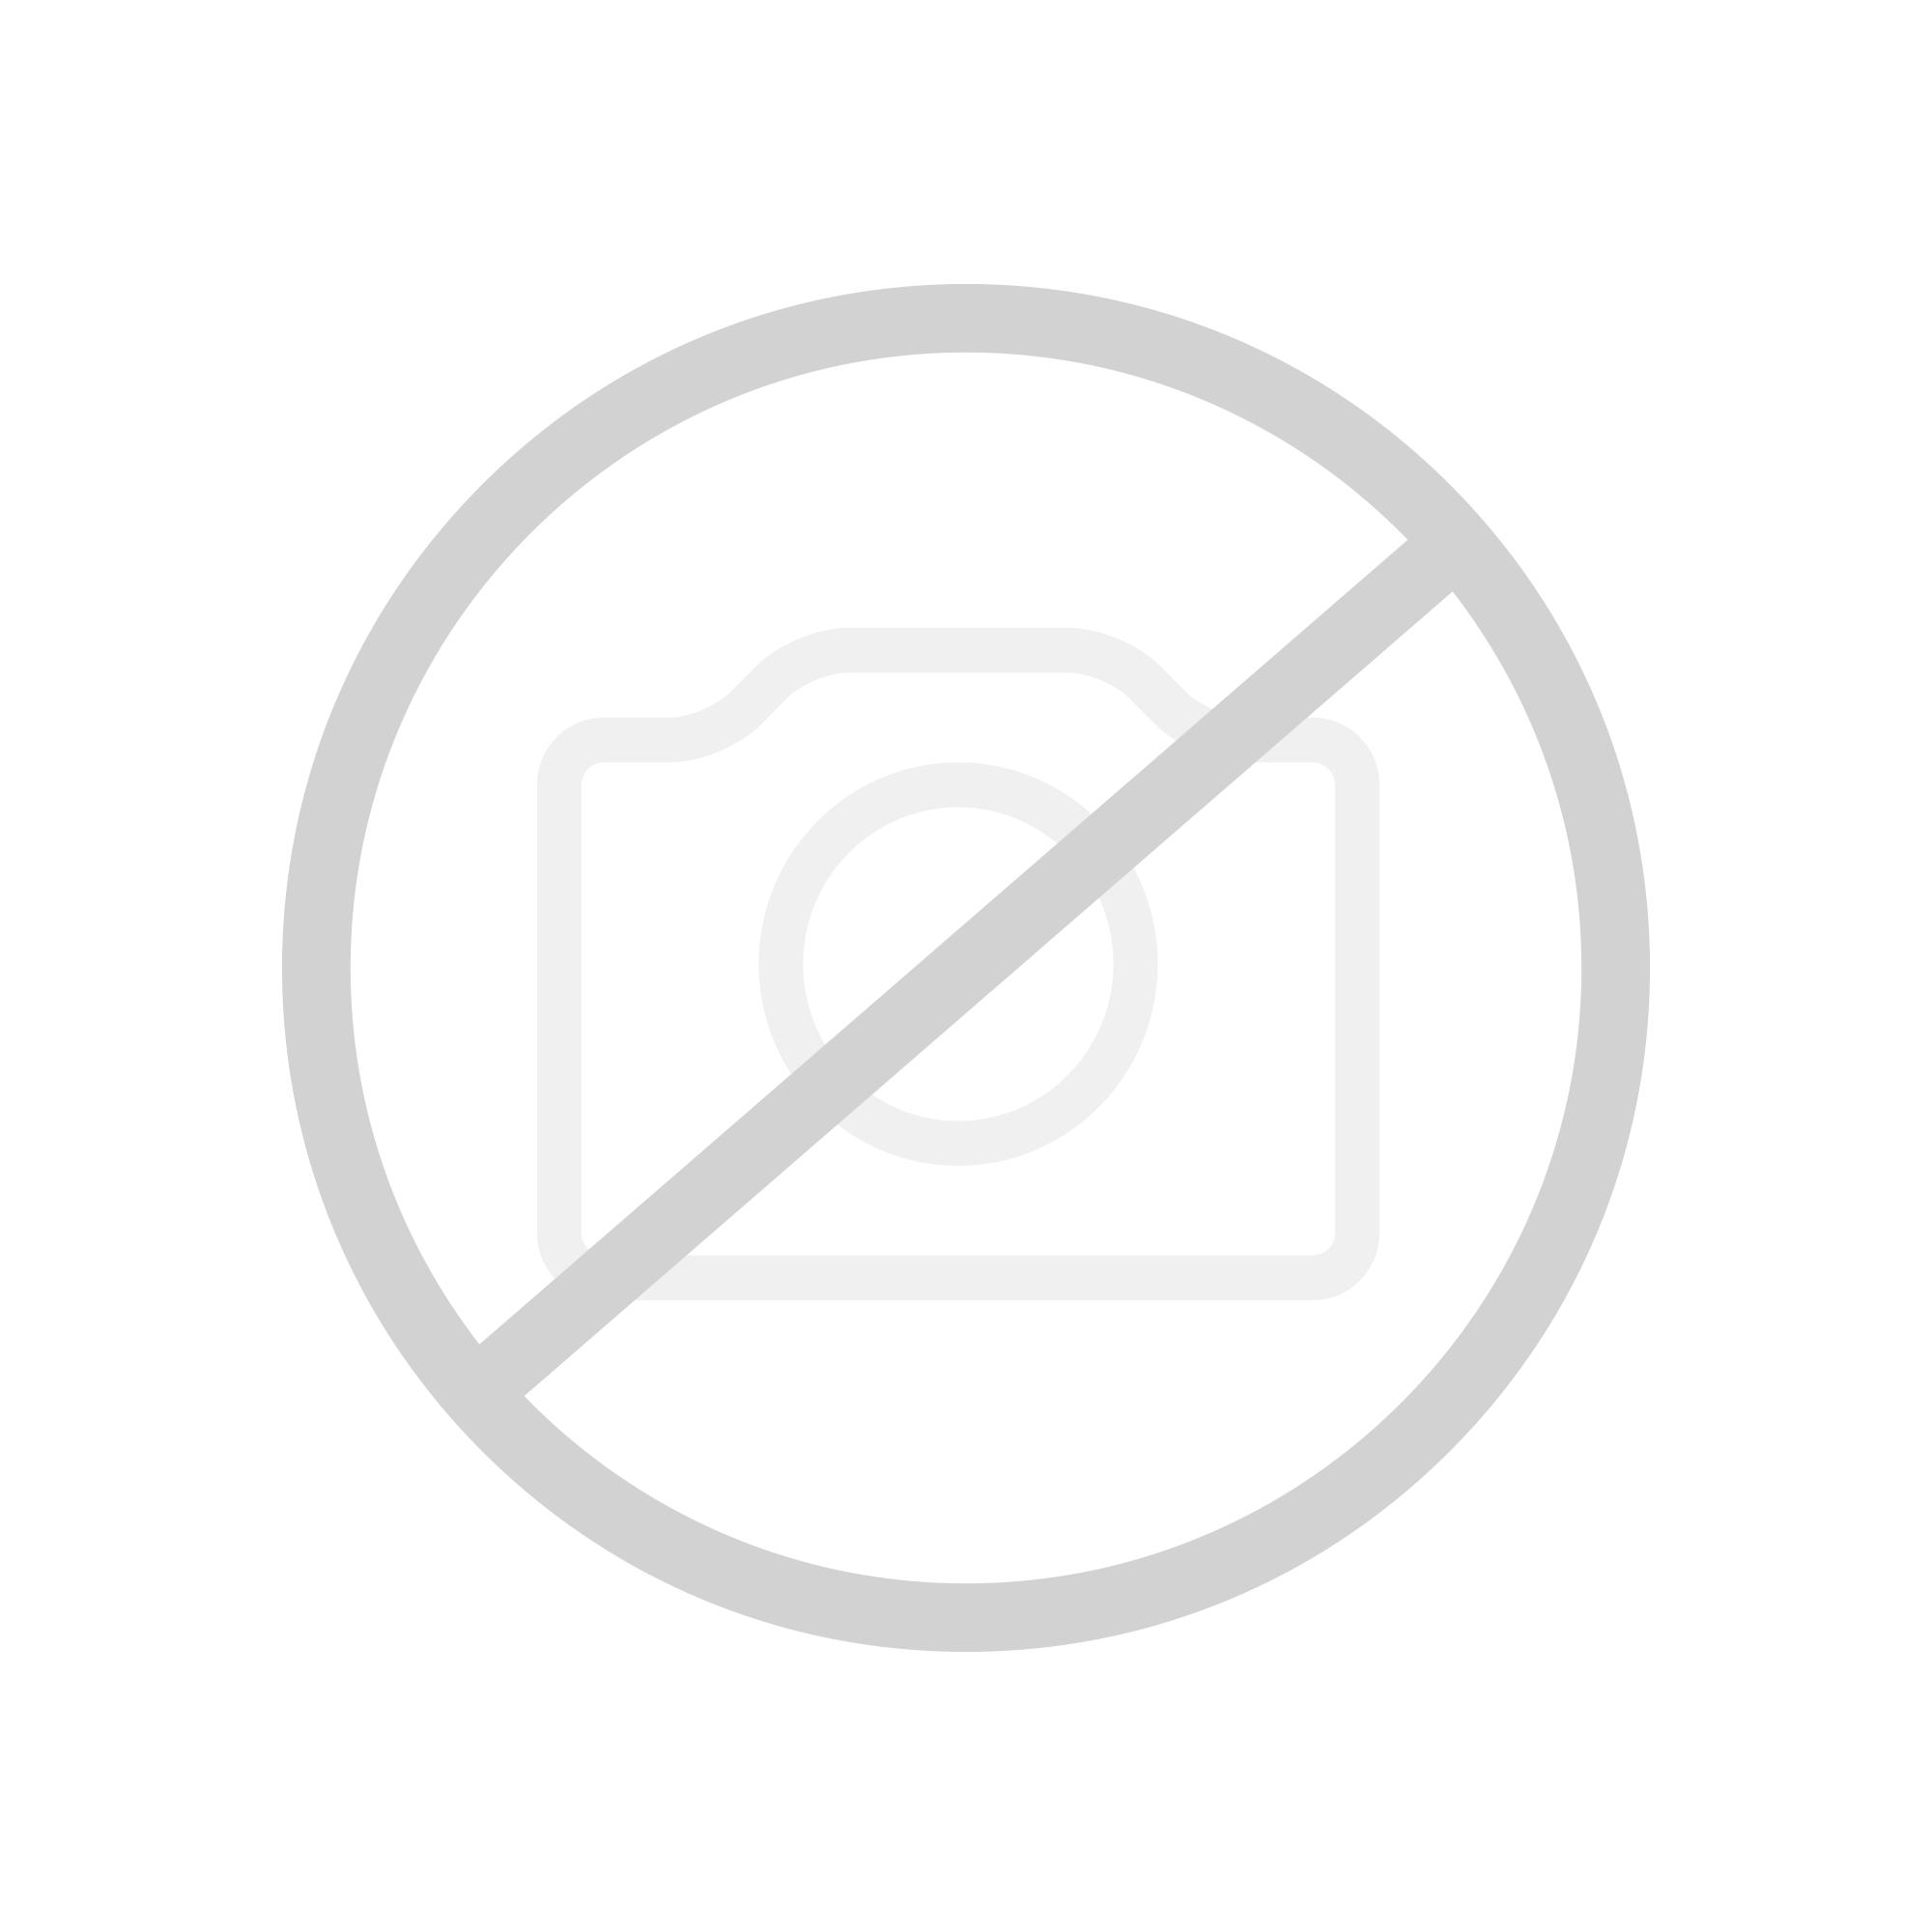 Reuter Bad Und Sanitär : sanit r shop online produkte f rs bad im reuter sanit rshop g nstig kaufen ~ Eleganceandgraceweddings.com Haus und Dekorationen